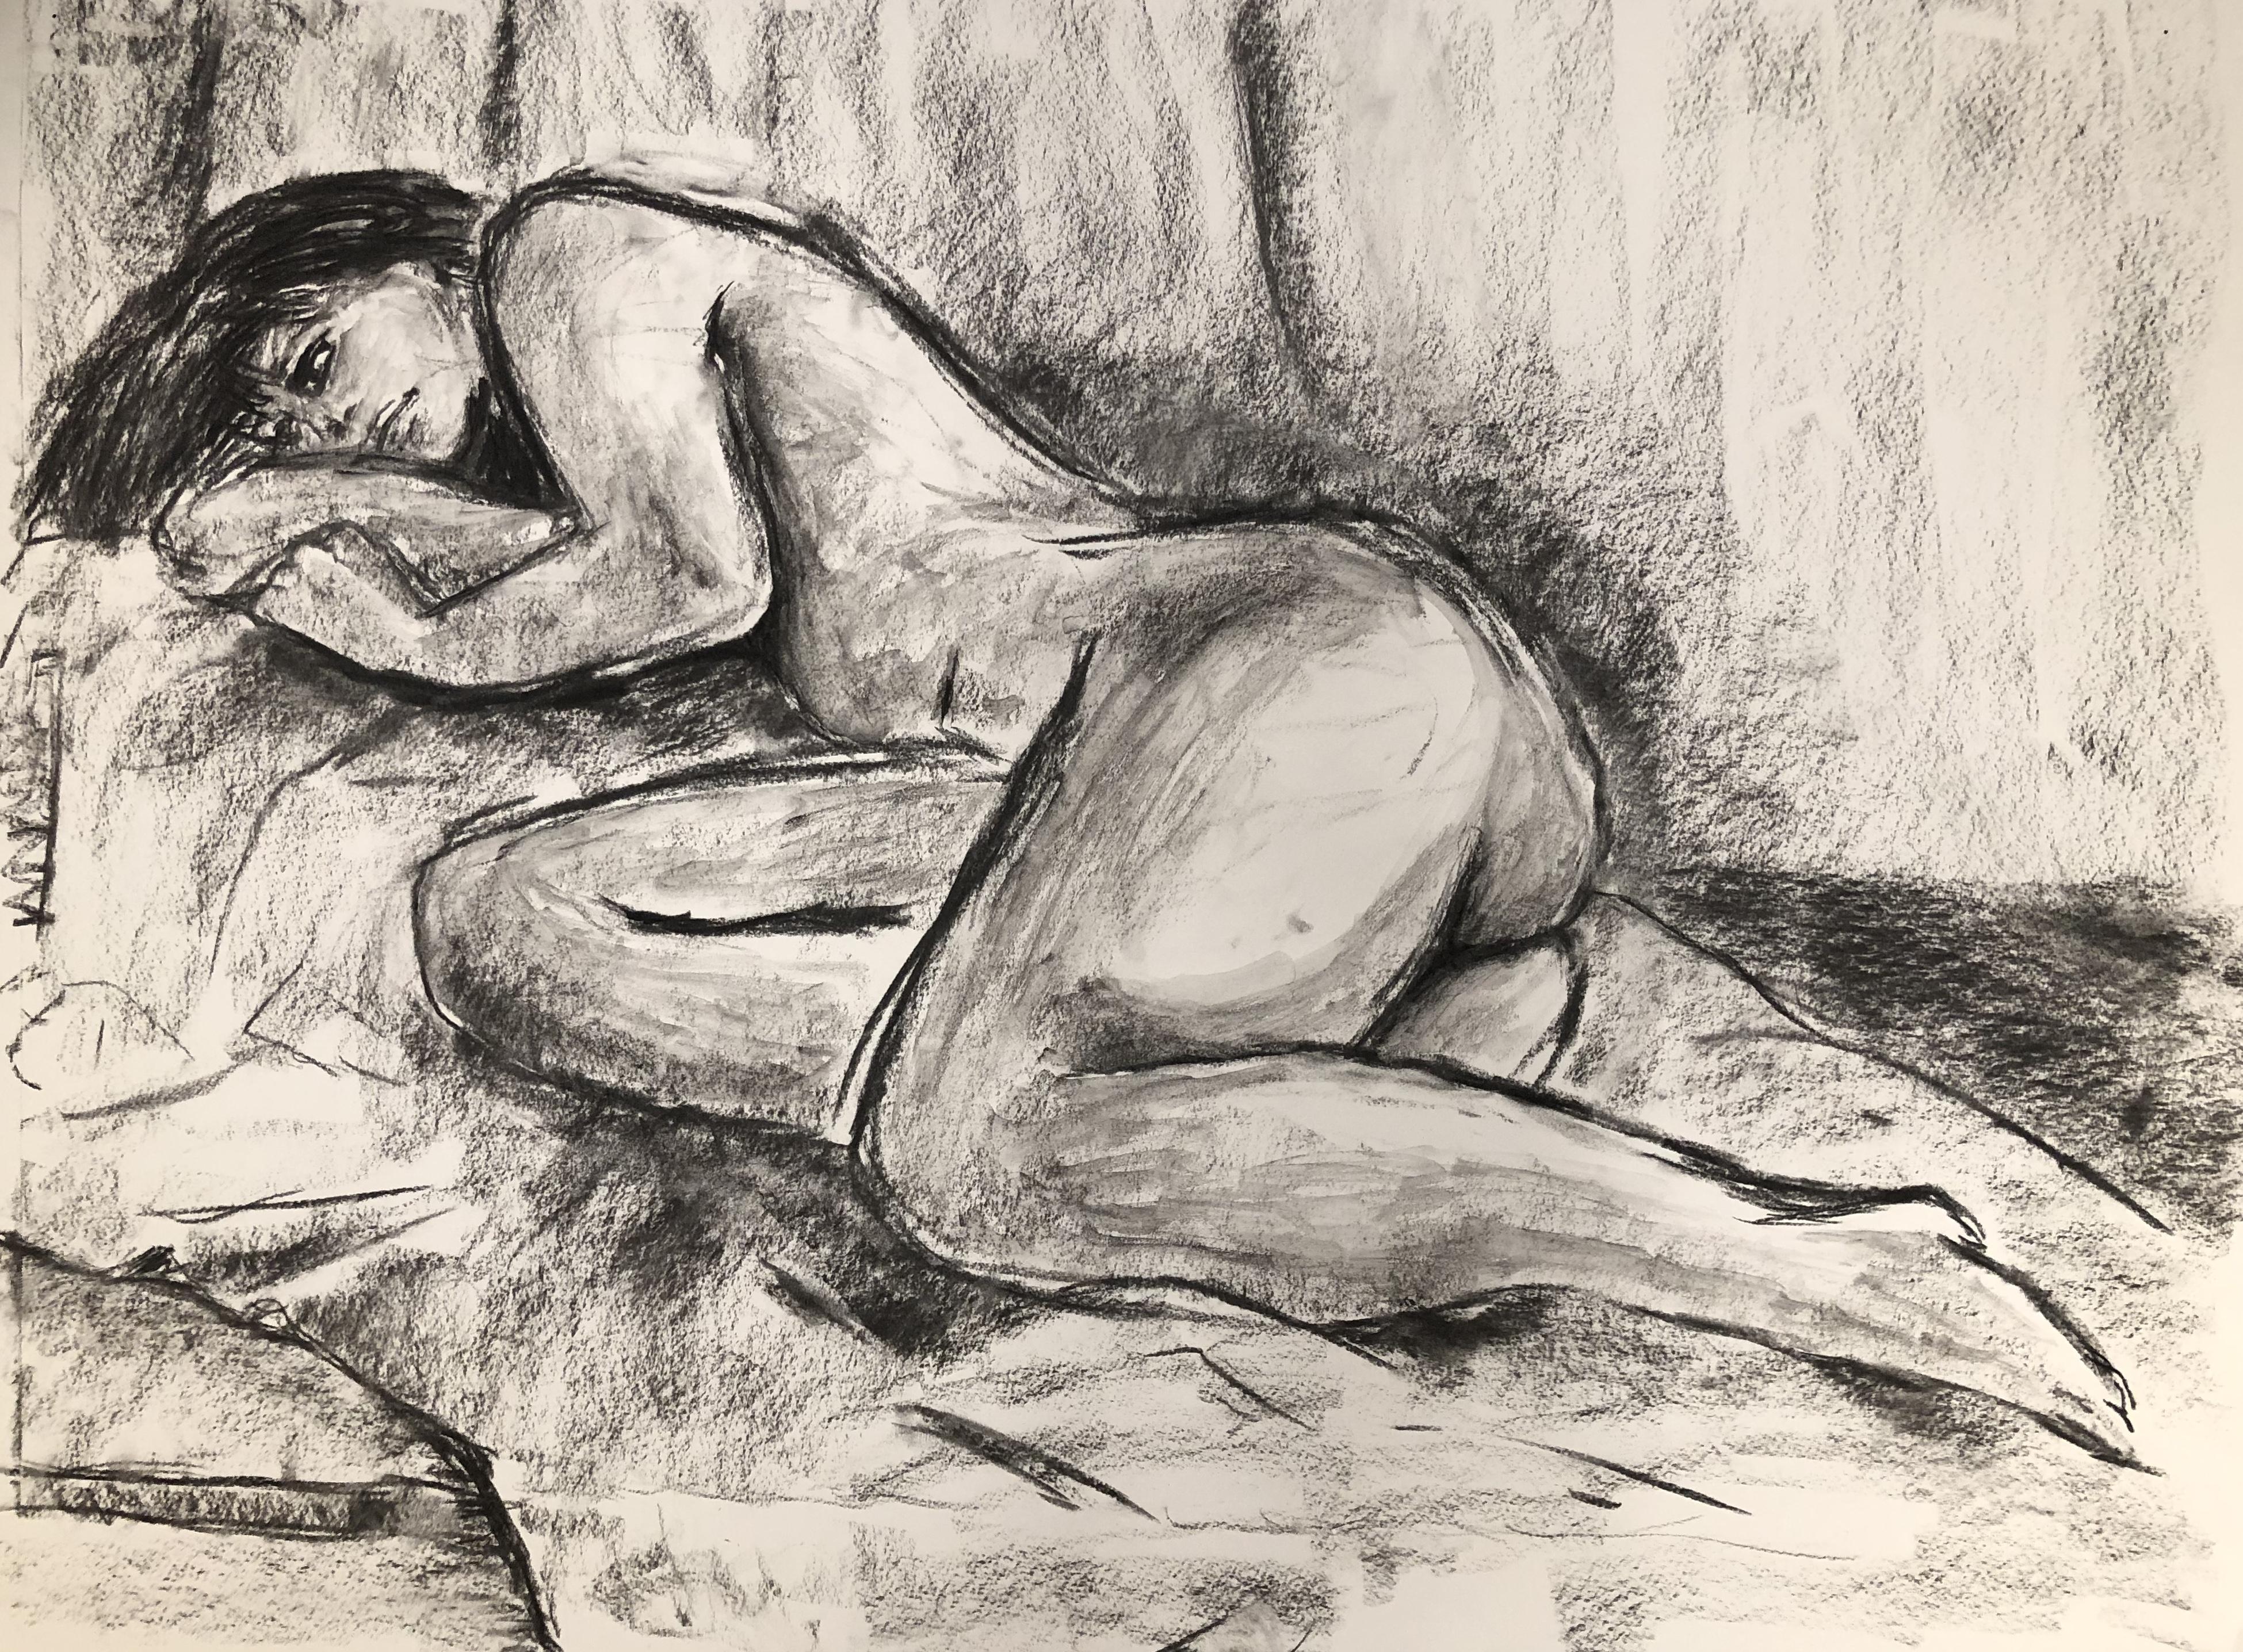 Woman sleeping cuz she tired zzzzzz